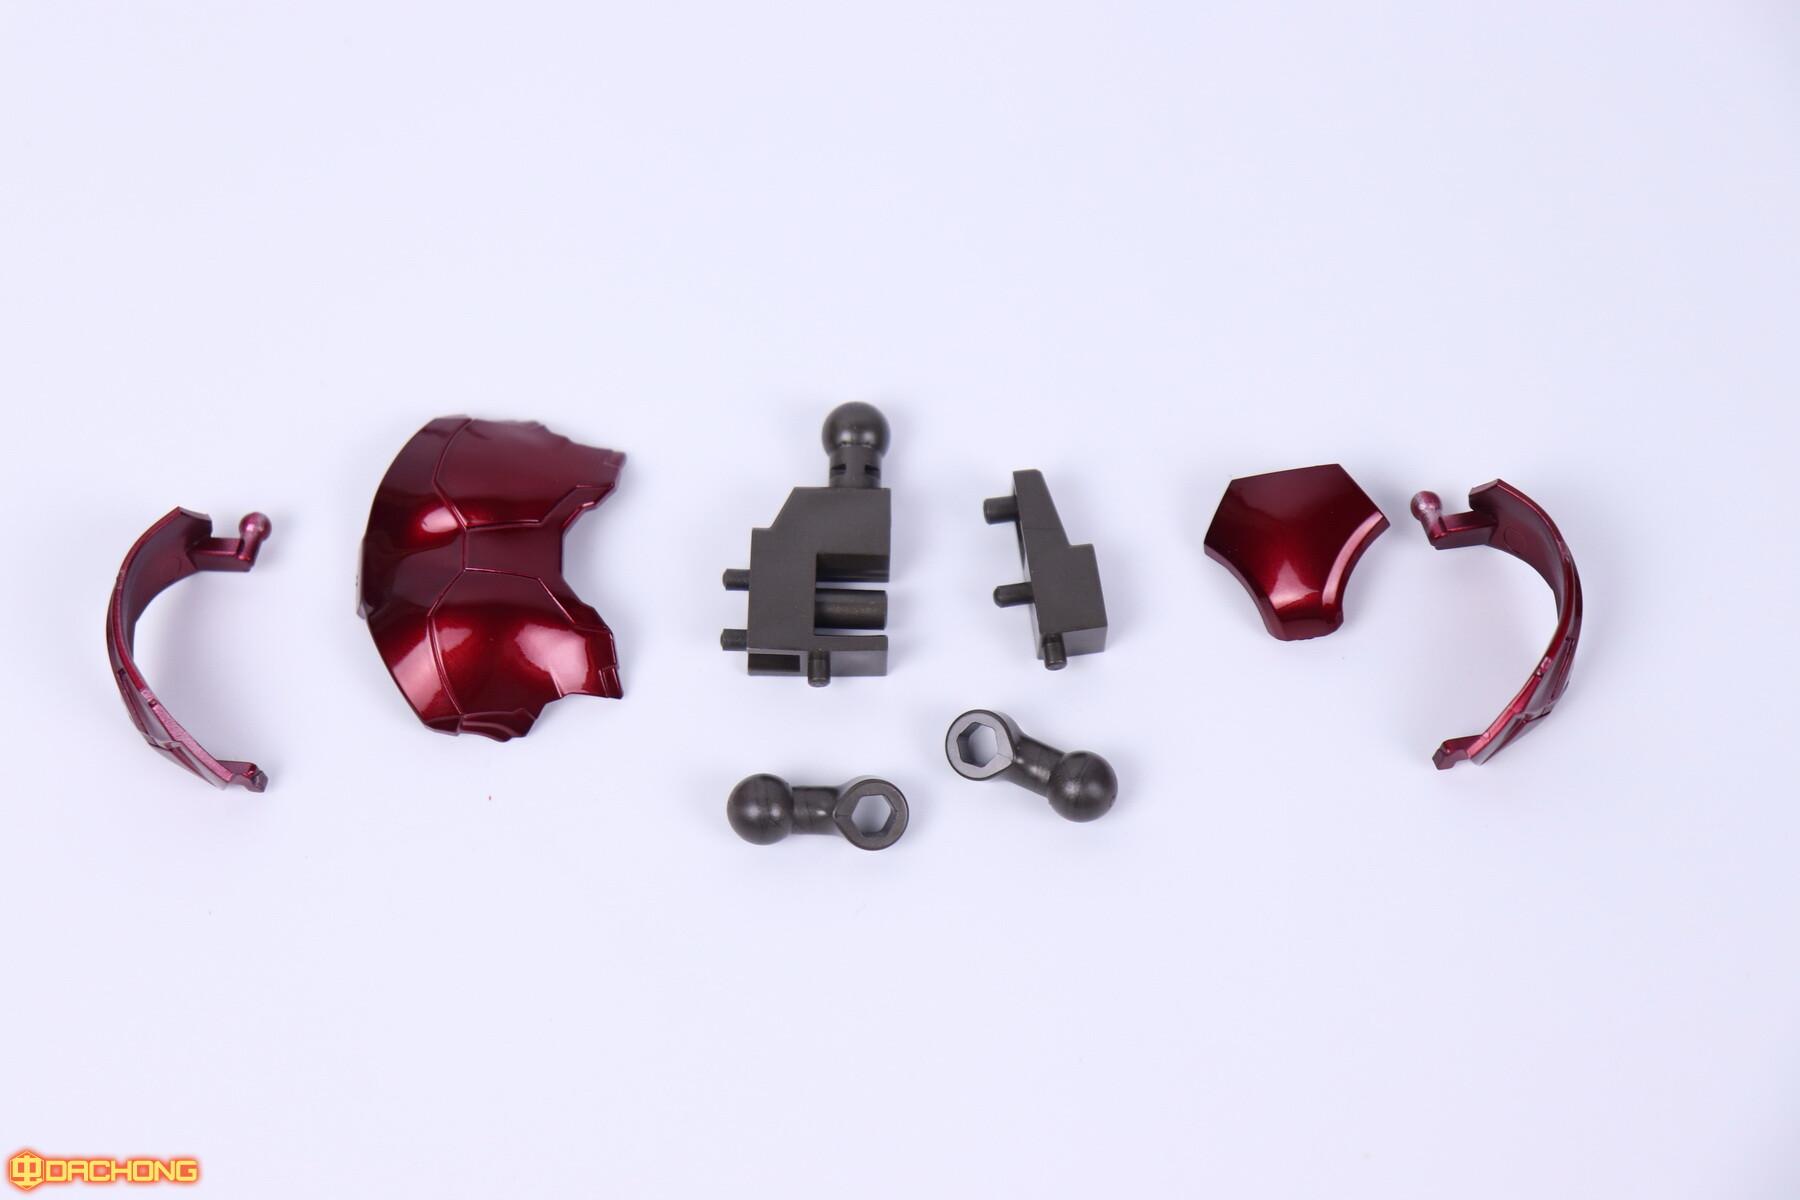 S498_2_e_model_ironman_mk85_dx_023.jpg